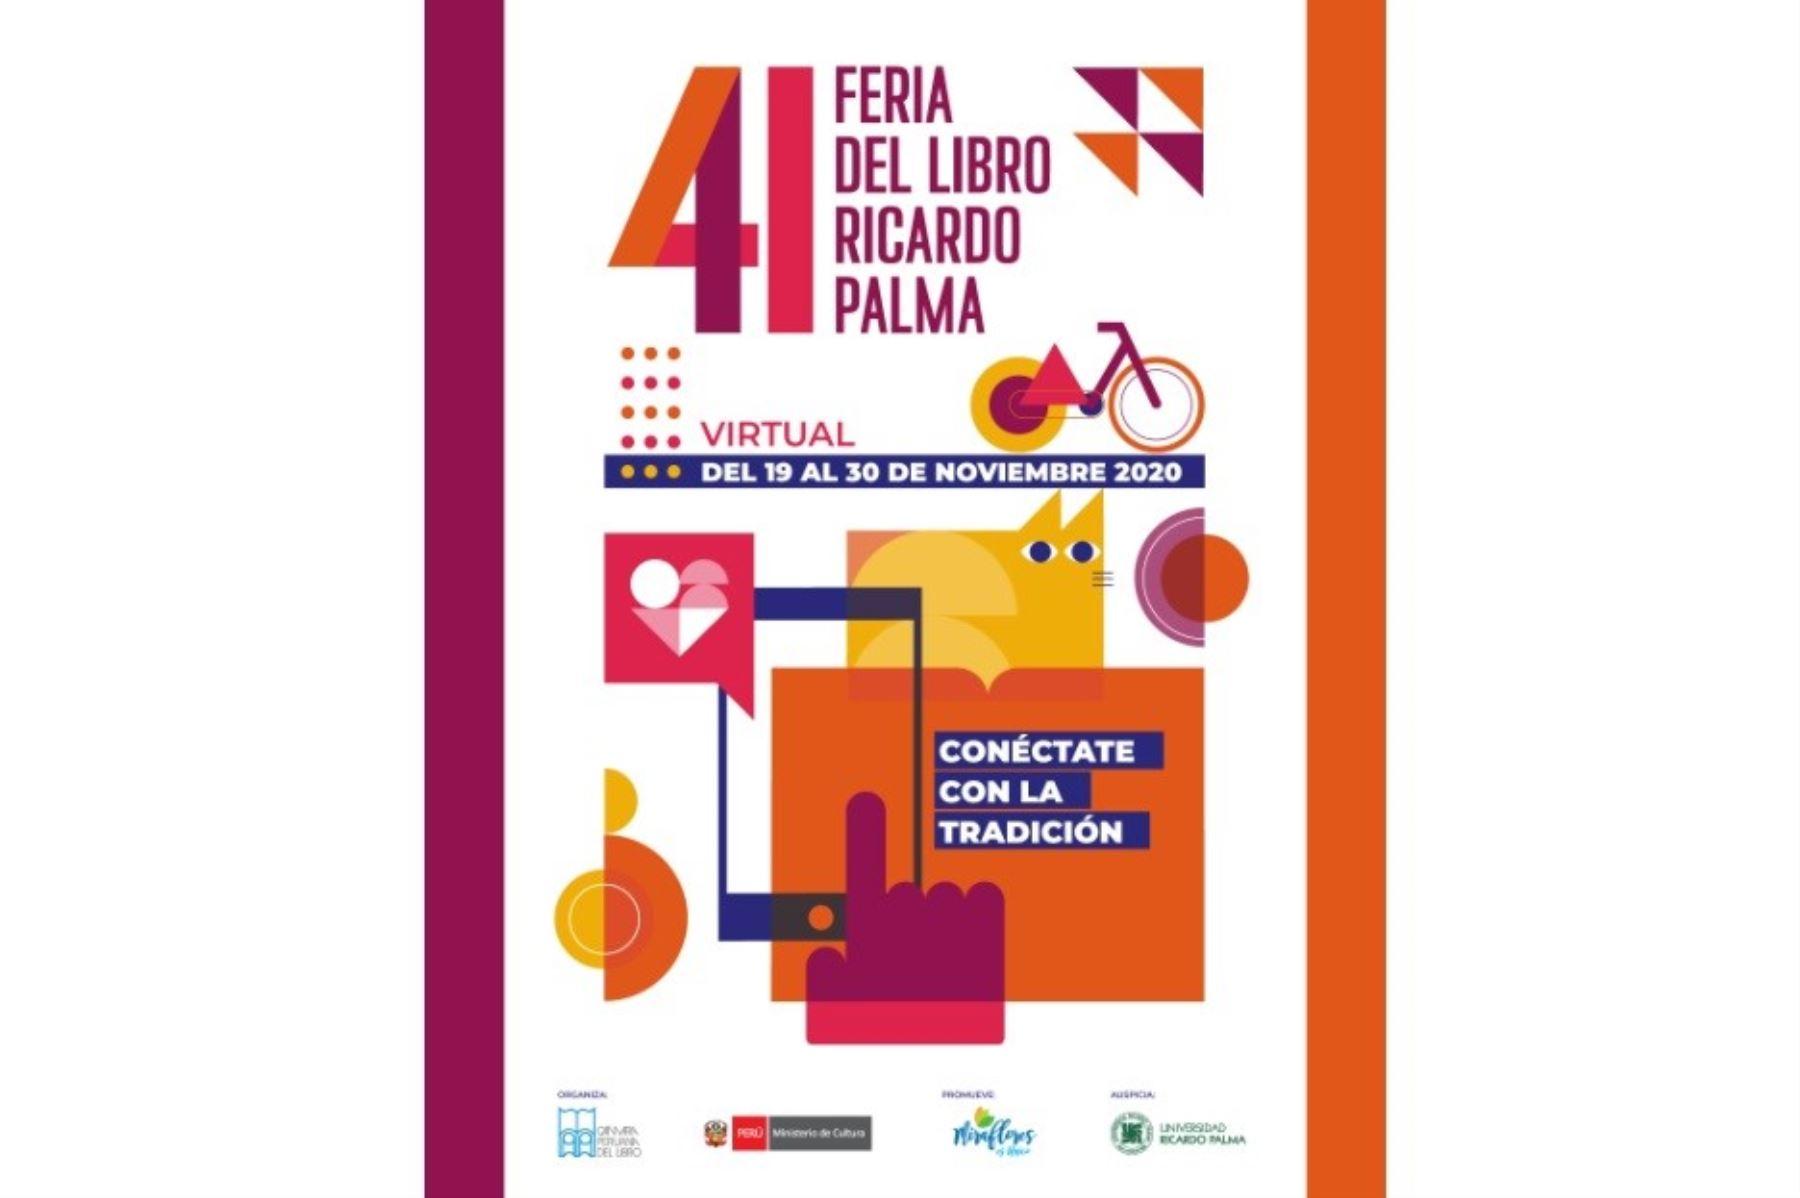 Afiche de la 41a. edición de la Feria del Libro Ricardo Palma que este año se desarrollará en formato virtual.